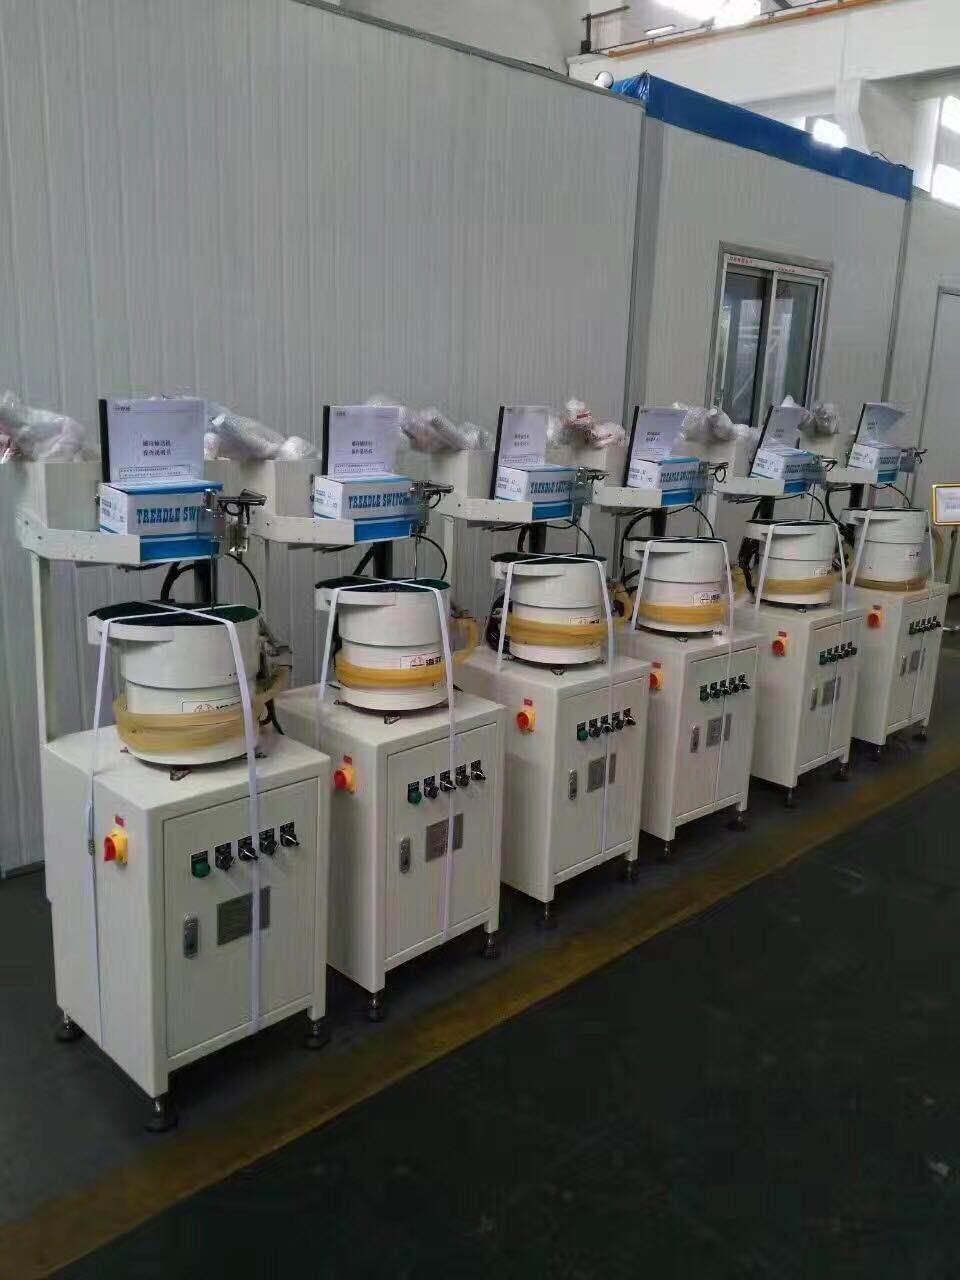 上海螺母输送机报价 上海电容储能凸焊机  上海电容储能凸焊机 上海 螺母输送机报价 上海螺母输送机报价